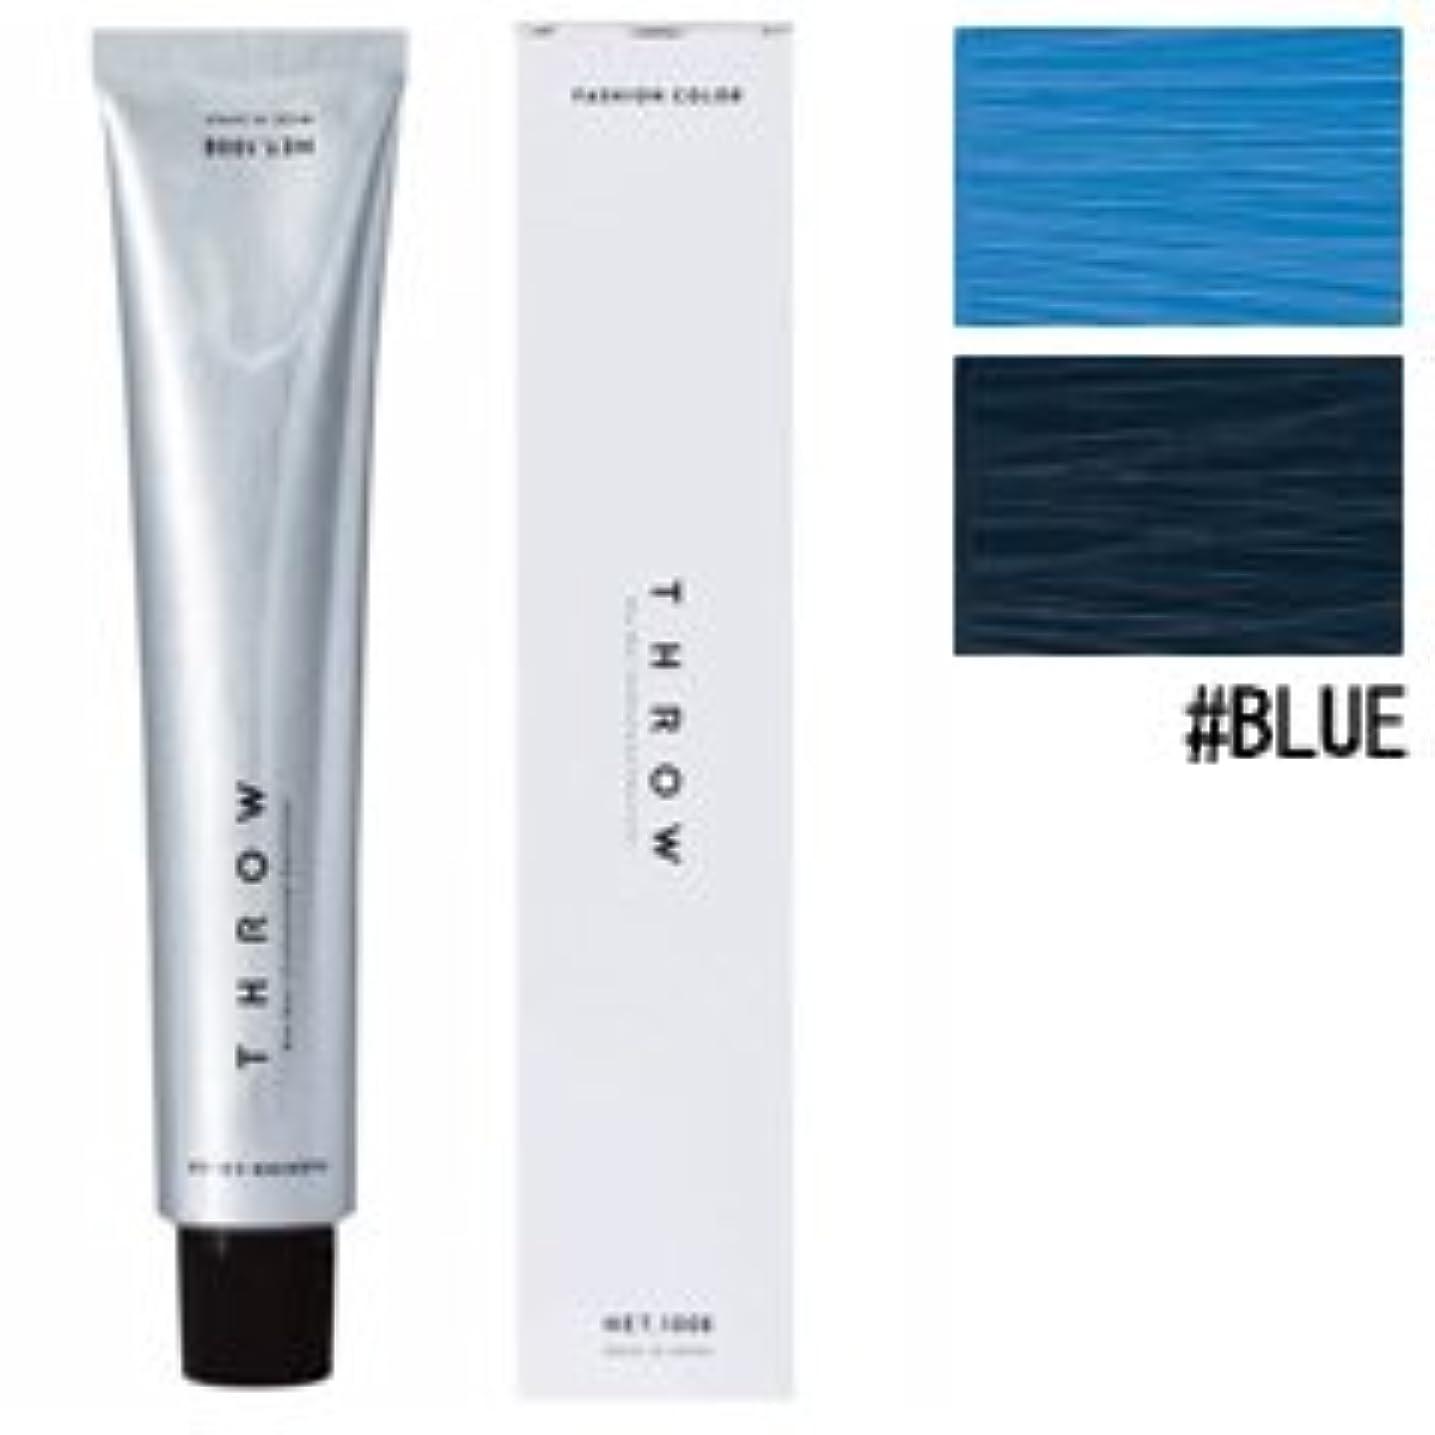 品架空の仮定する【モルトベーネ】スロウ ファッションカラー #BLUE 100g